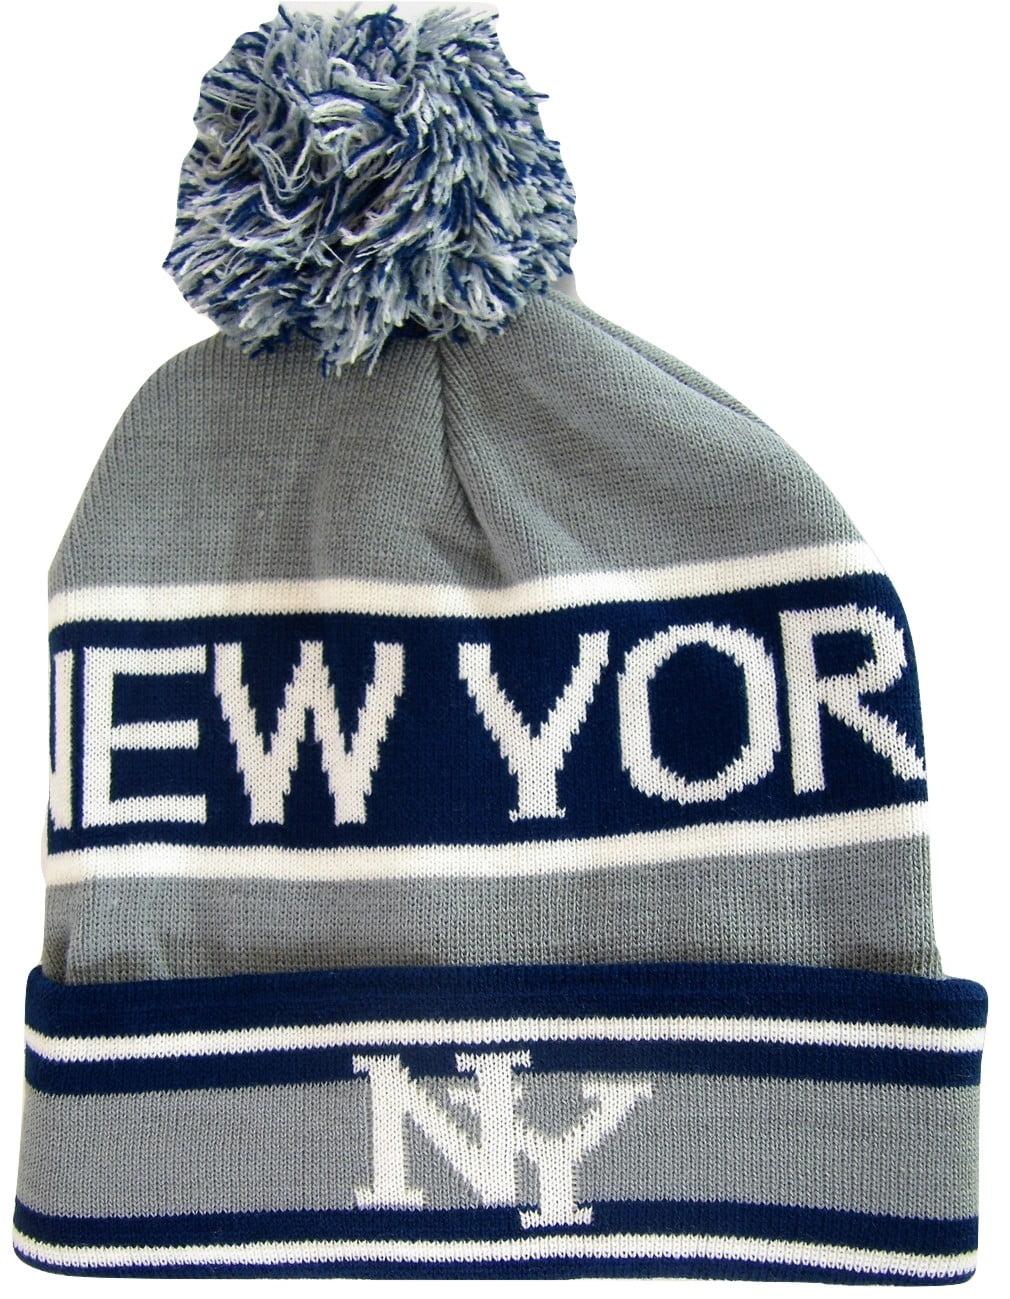 5cbe87fdf89 New York Headwear - New York City NY Men s 2-Tone Winter Knit Pom Beanie  Hats (Gray Navy) - Walmart.com